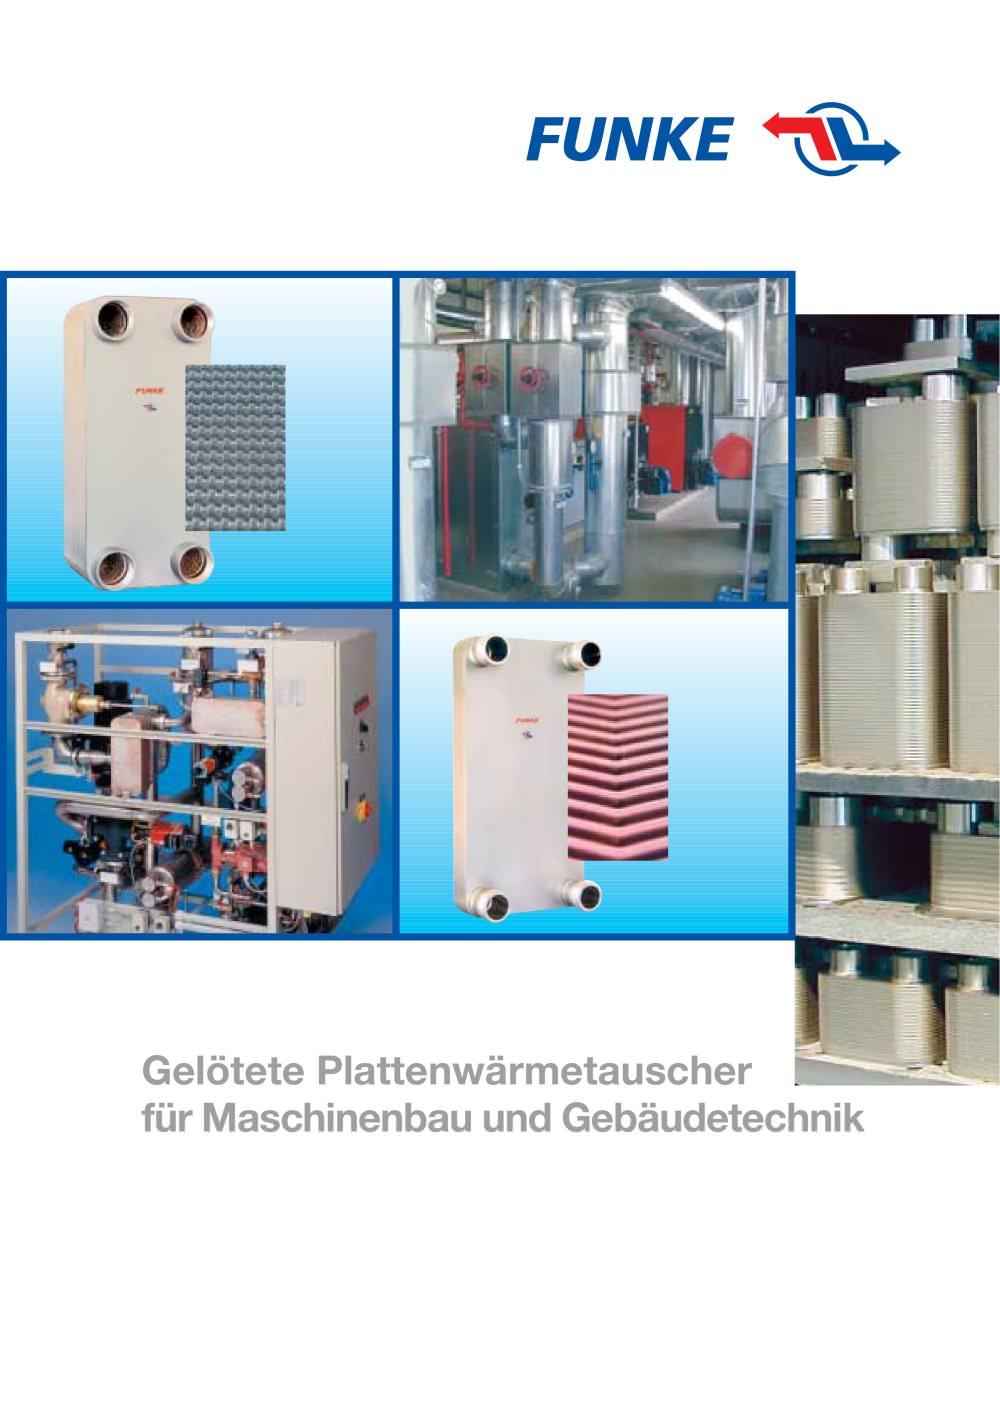 Gelötete Plattenwärmetauscher - Funke - PDF Katalog   technische ...